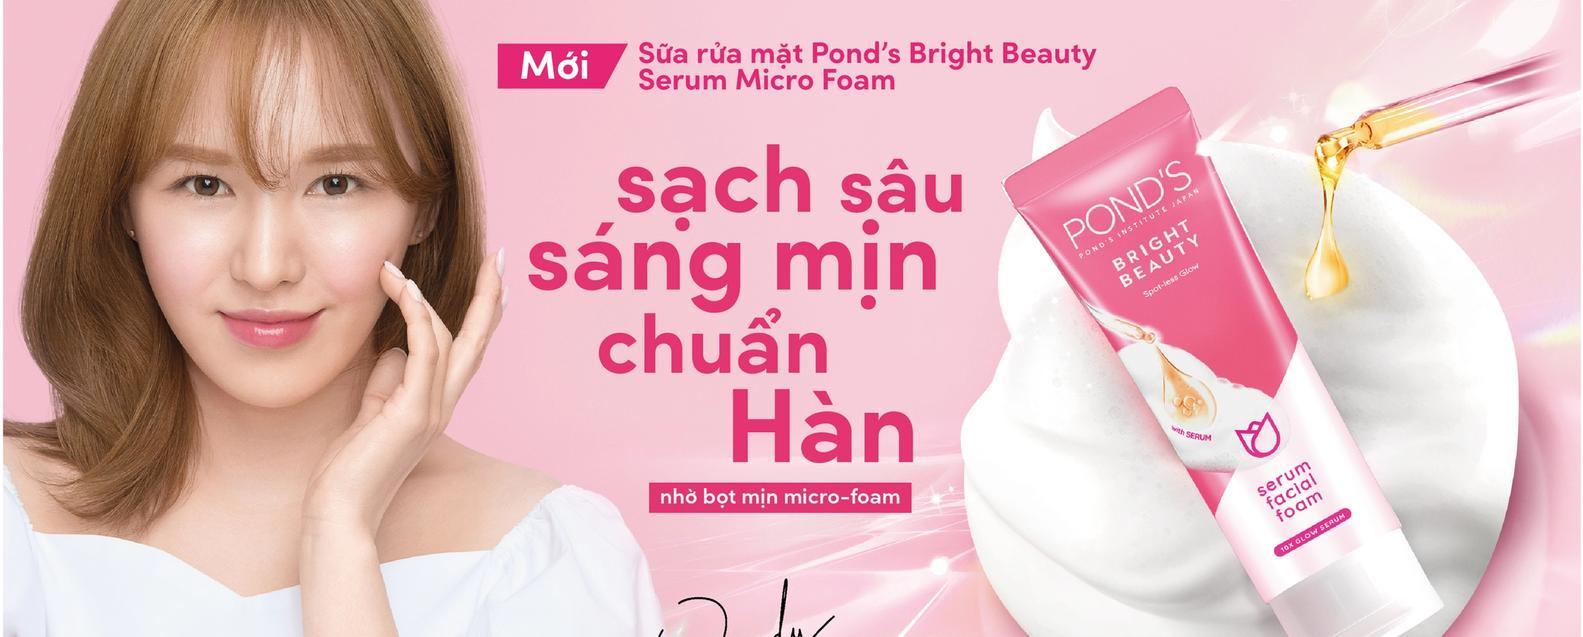 Sữa rửa mặt Pond's Bright Beauty  - Bọt mịn sạch sâu sáng mịn chuẩn Hàn